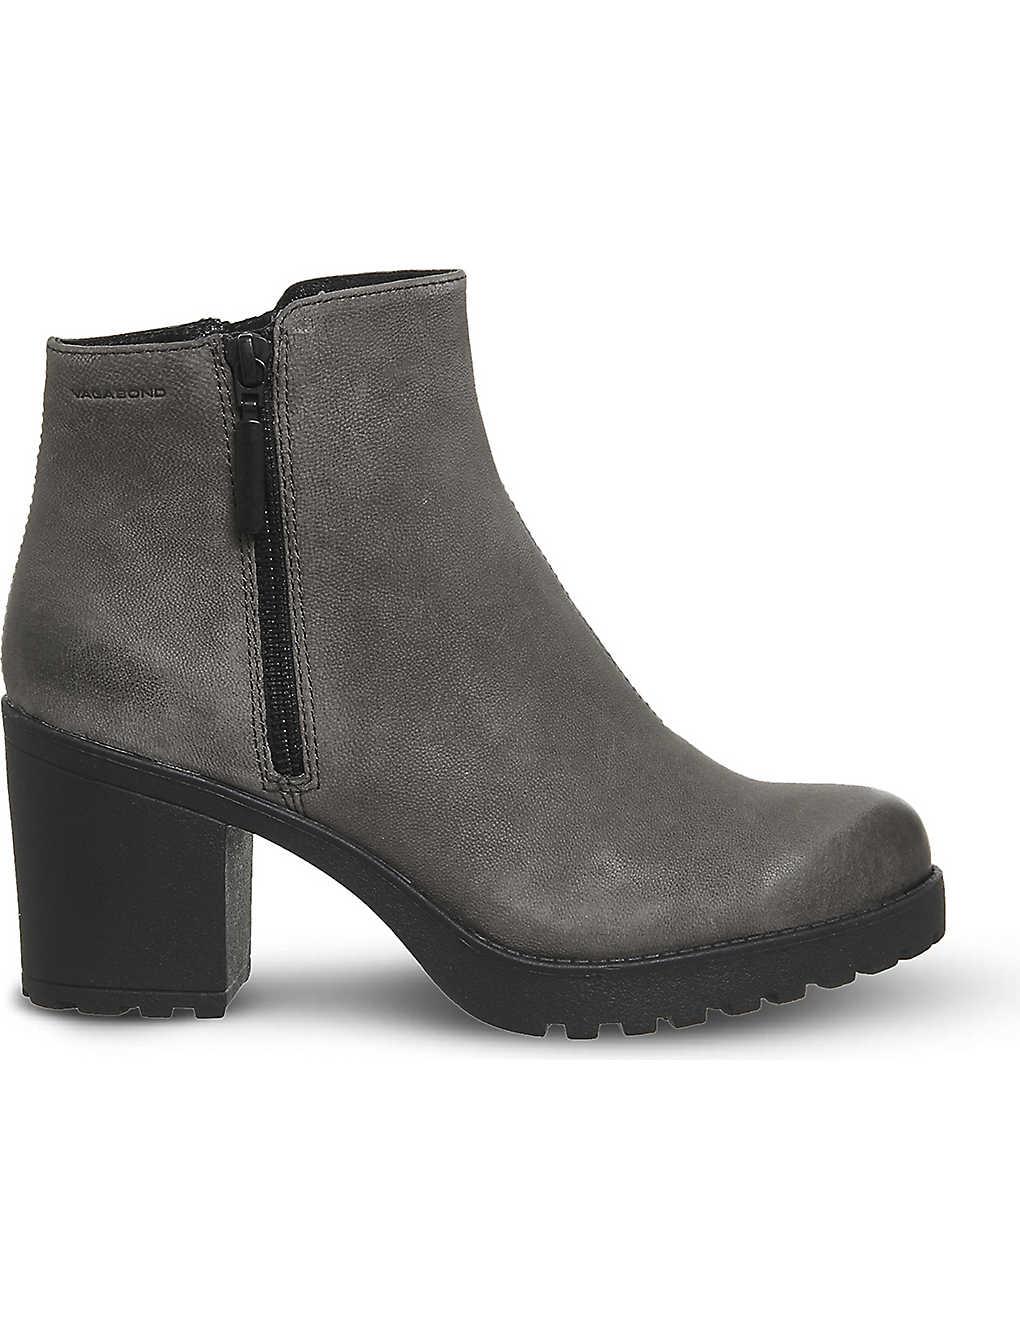 a941fc6a347f VAGABOND - Grace leather ankle boots